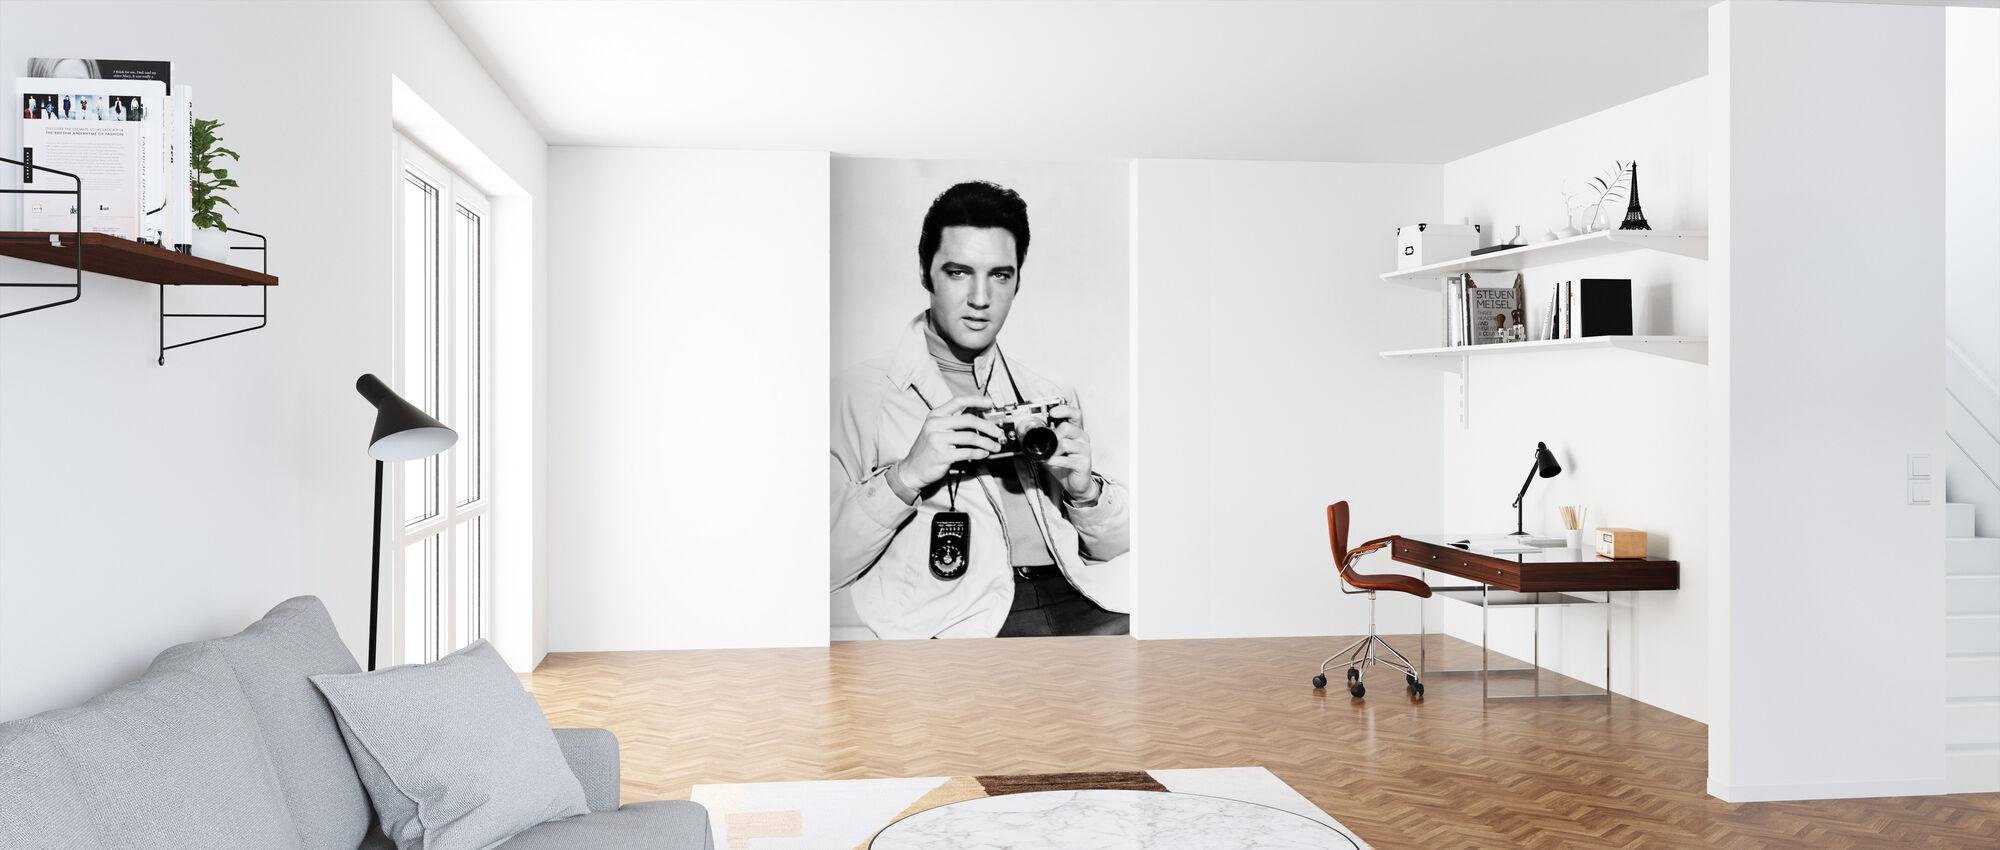 Live a Little, Love a Little - Wallpaper - Office